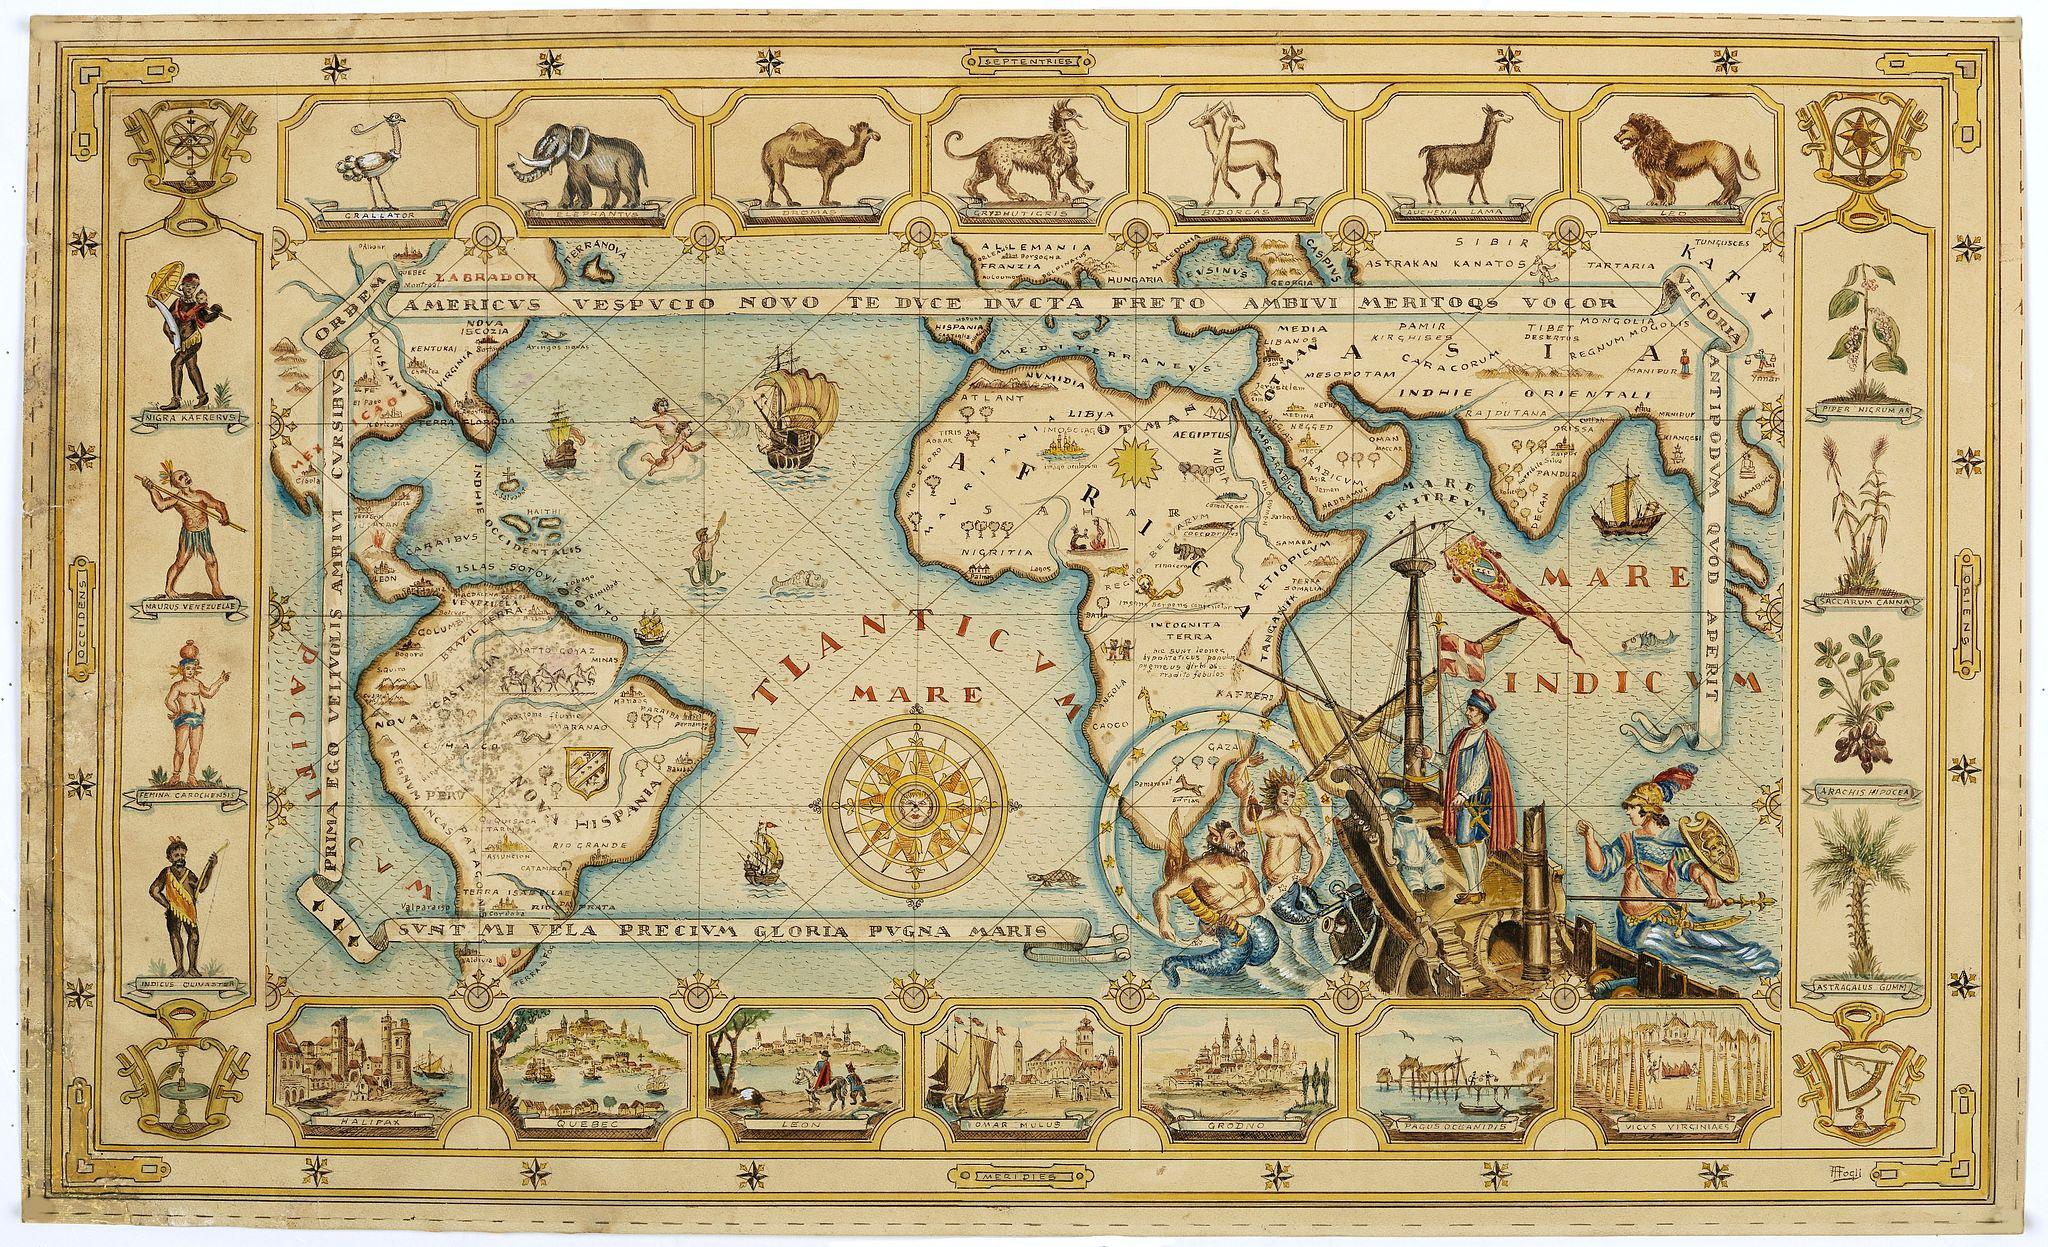 FOGLY, A. -  (World map). Americus Vespucio novo te Duce Ducta Freto Ambivi Meritoqs Vocor.